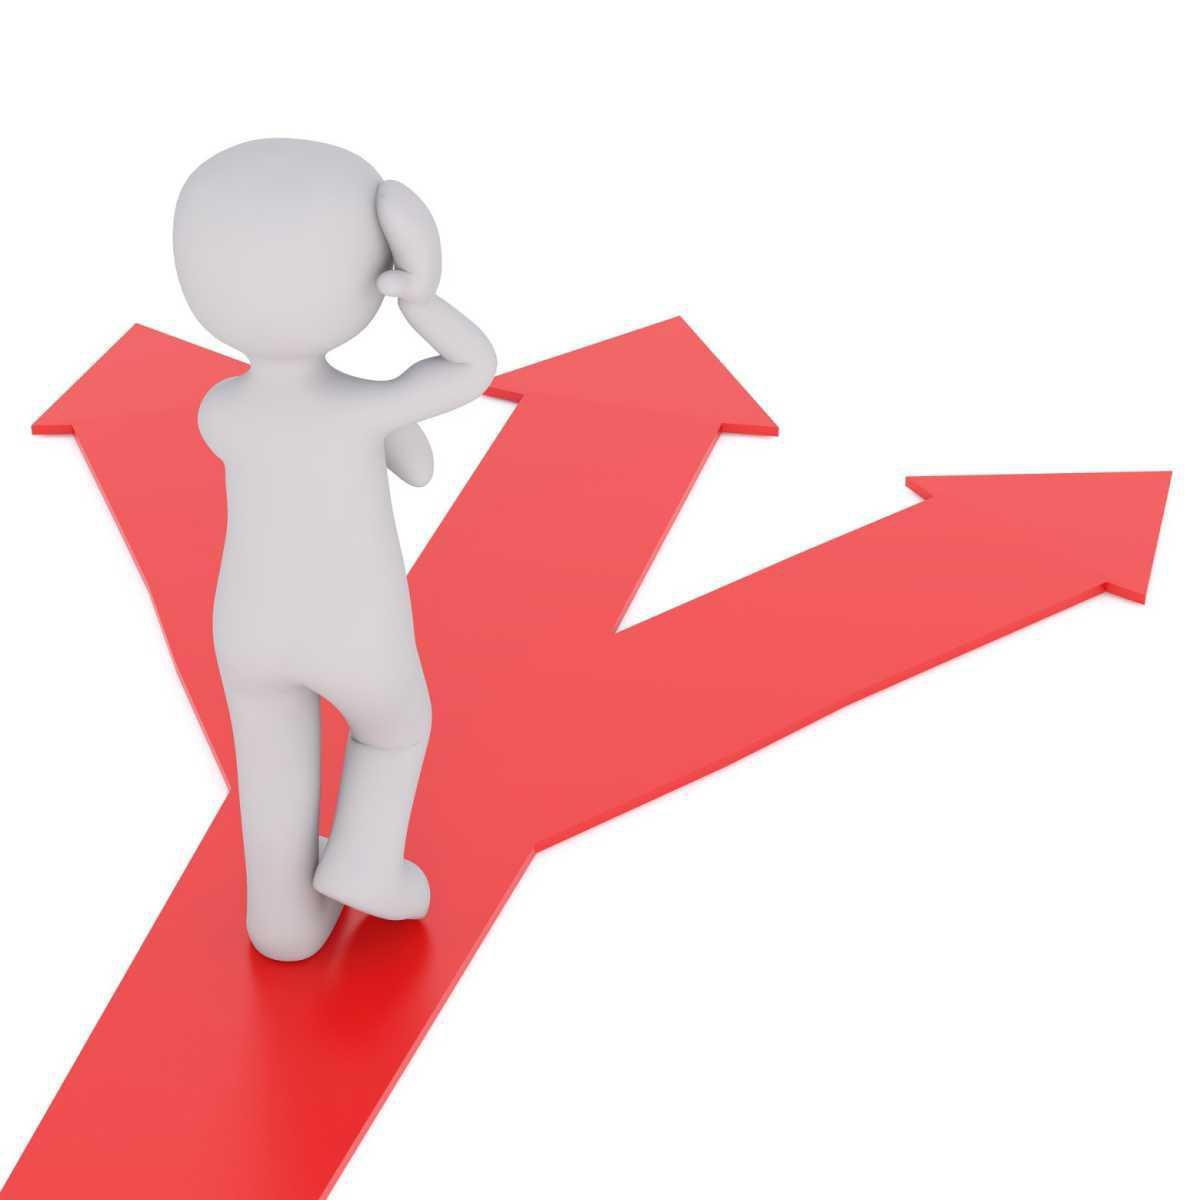 Plan de charge, avenir des bancs d'essais, nouveaux projets et activités : maintenant, il faut que la direction donne des réponses claires sur l'avenir de Lardy !